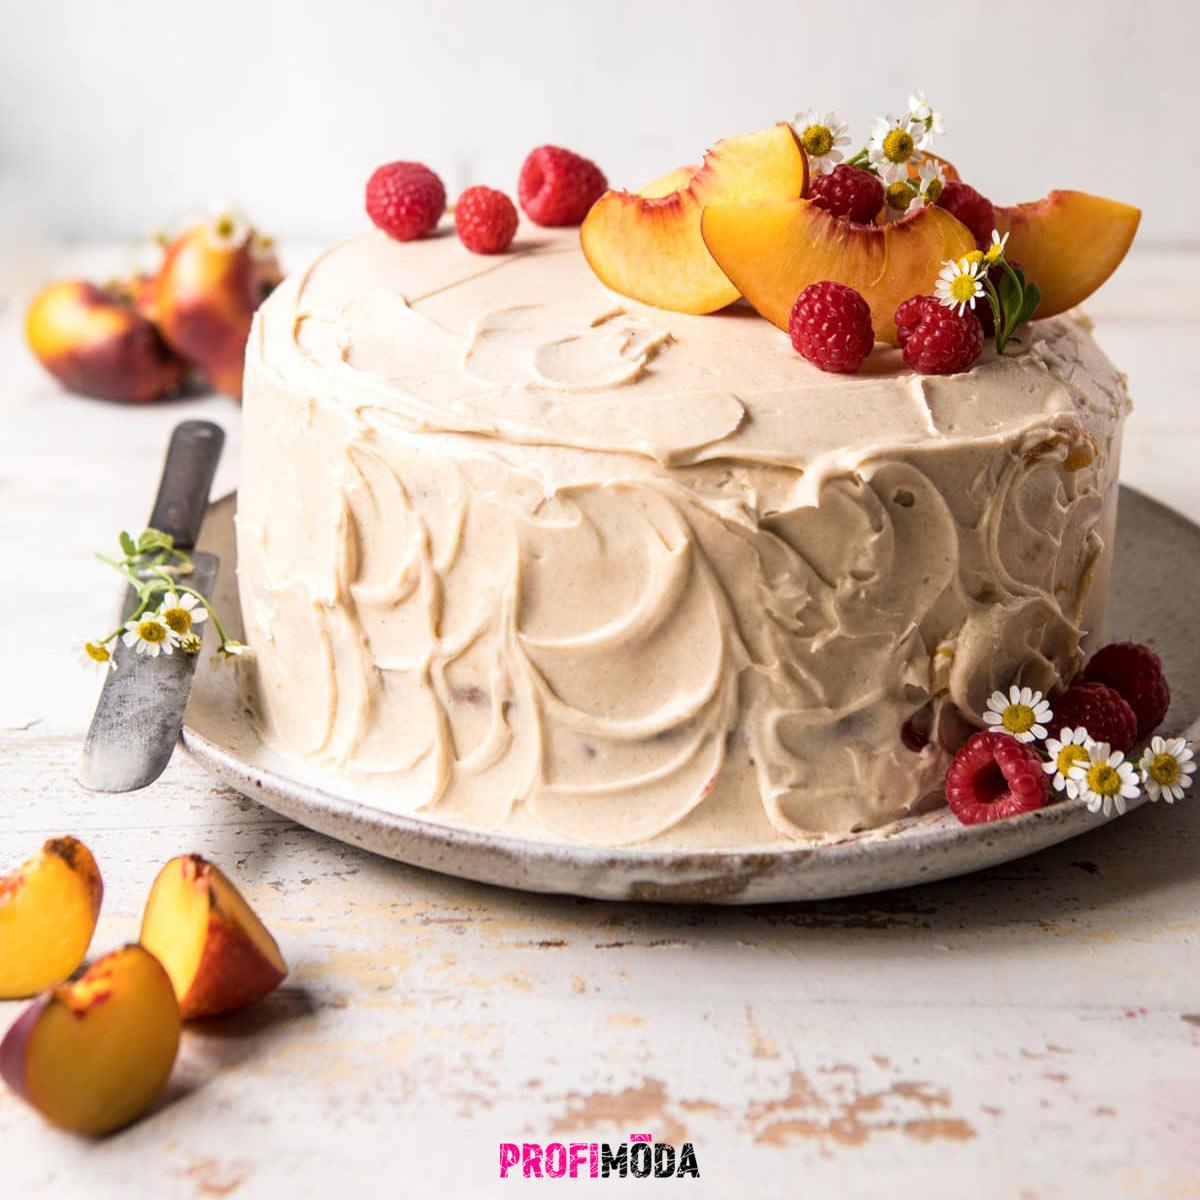 Strukturovaným povrchům dortů sluší ozdoby z bylinek, lučního kvítí a ovoce.